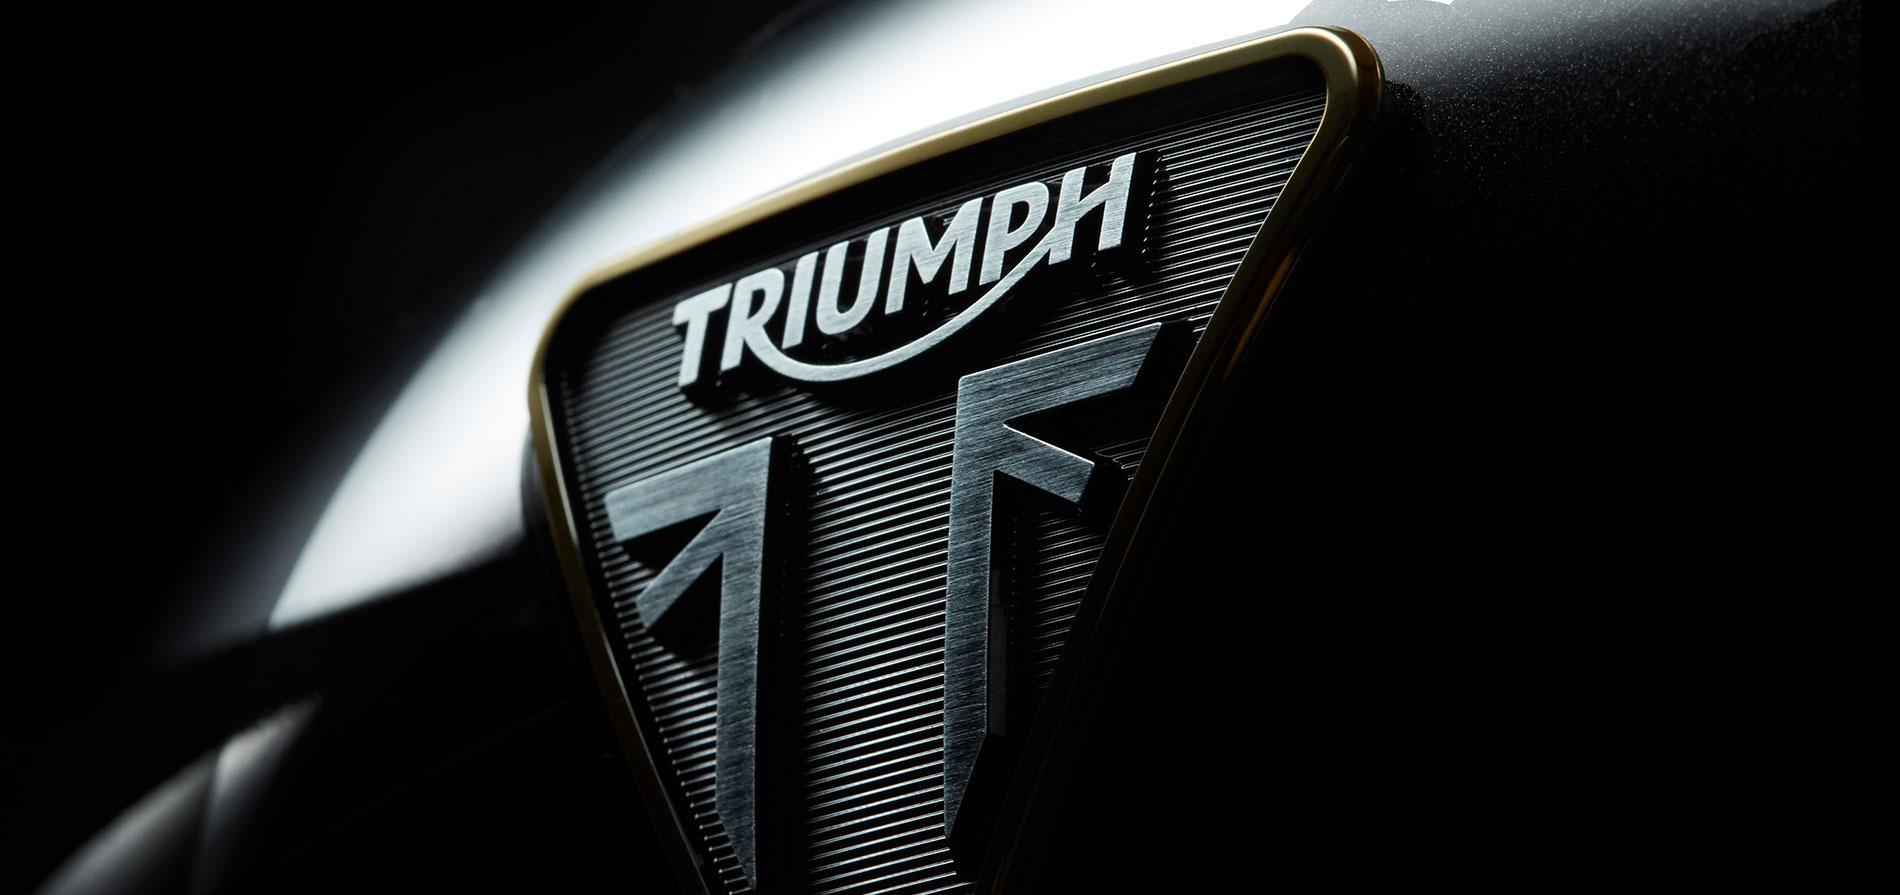 Triumph Oxford